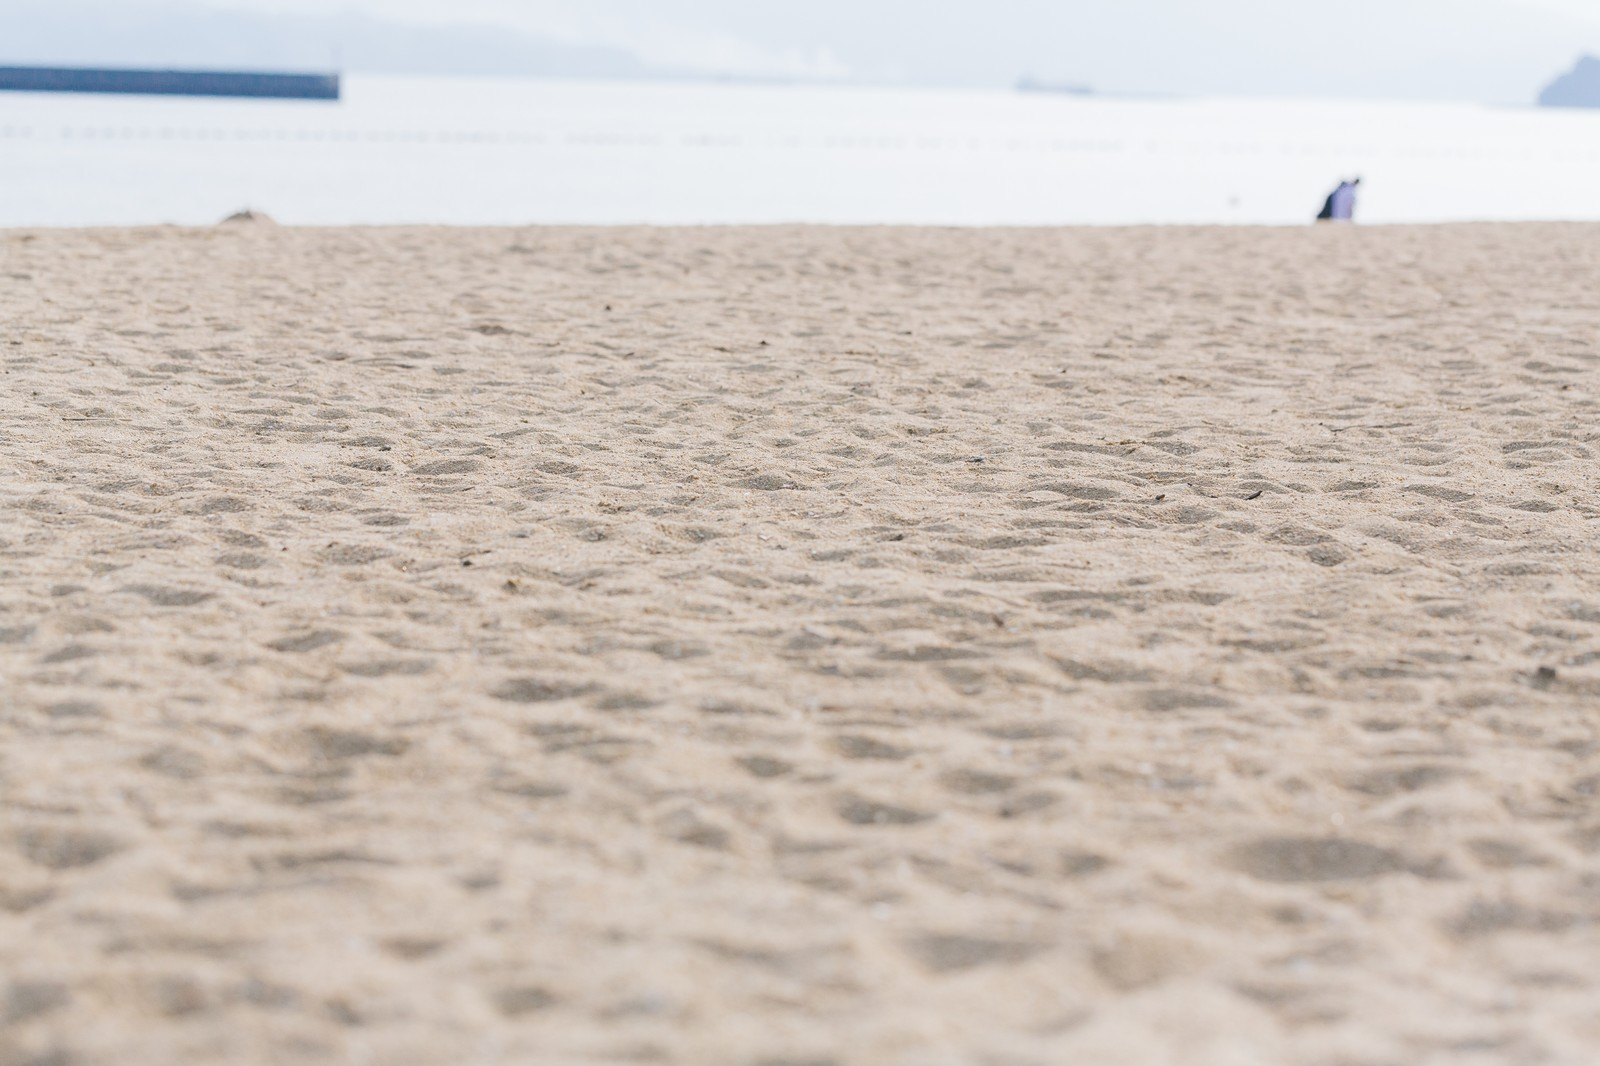 「人口海浜公園(イマリンビーチ)人口海浜公園(イマリンビーチ)」のフリー写真素材を拡大